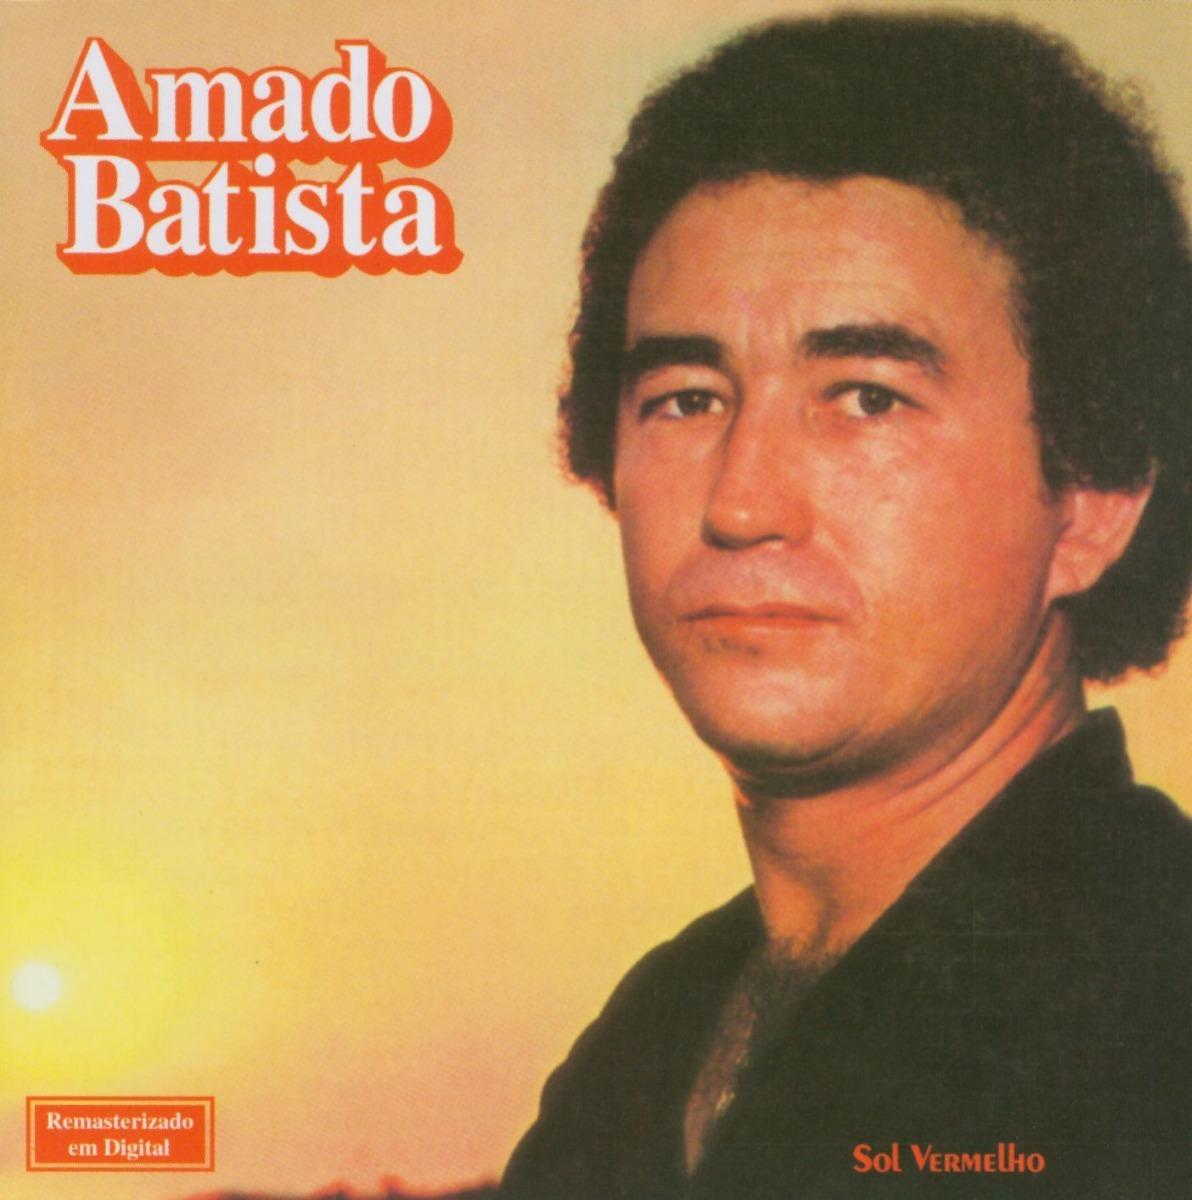 Amado Batista Discografia Completa Mp3 Em Pen Drive - R